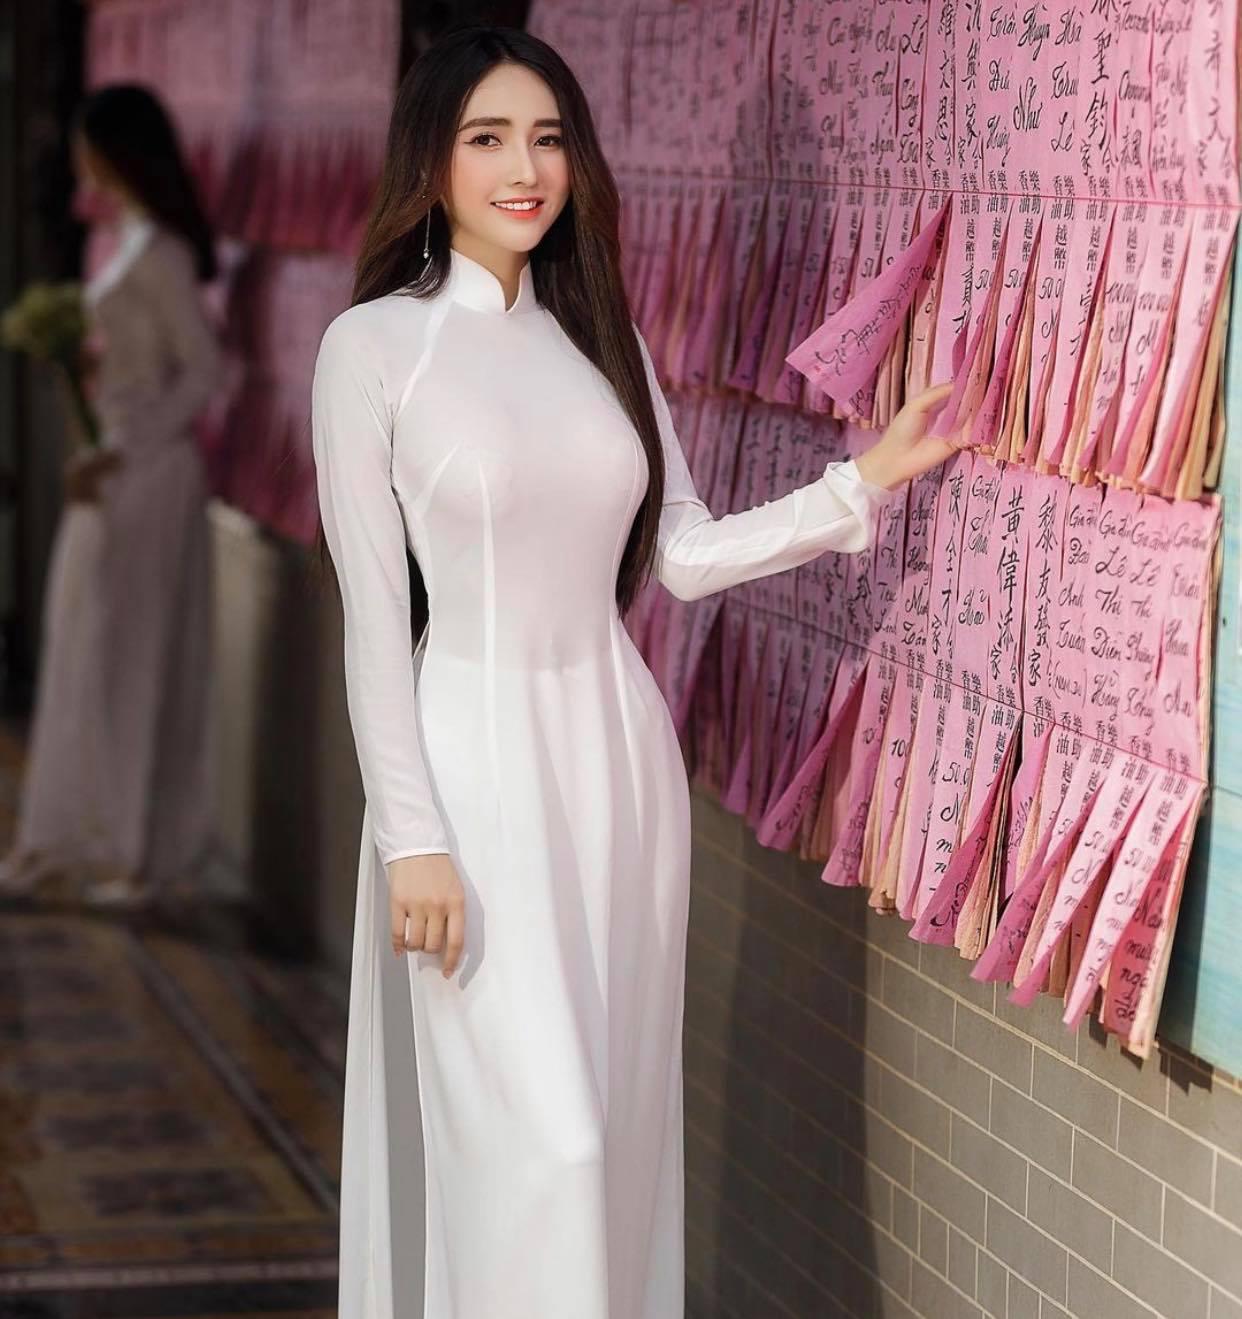 Người đẹp Việt mặc áo dài mỏng tang như tờ giấy đến chốn trang nghiêm gây bức xúc - 9